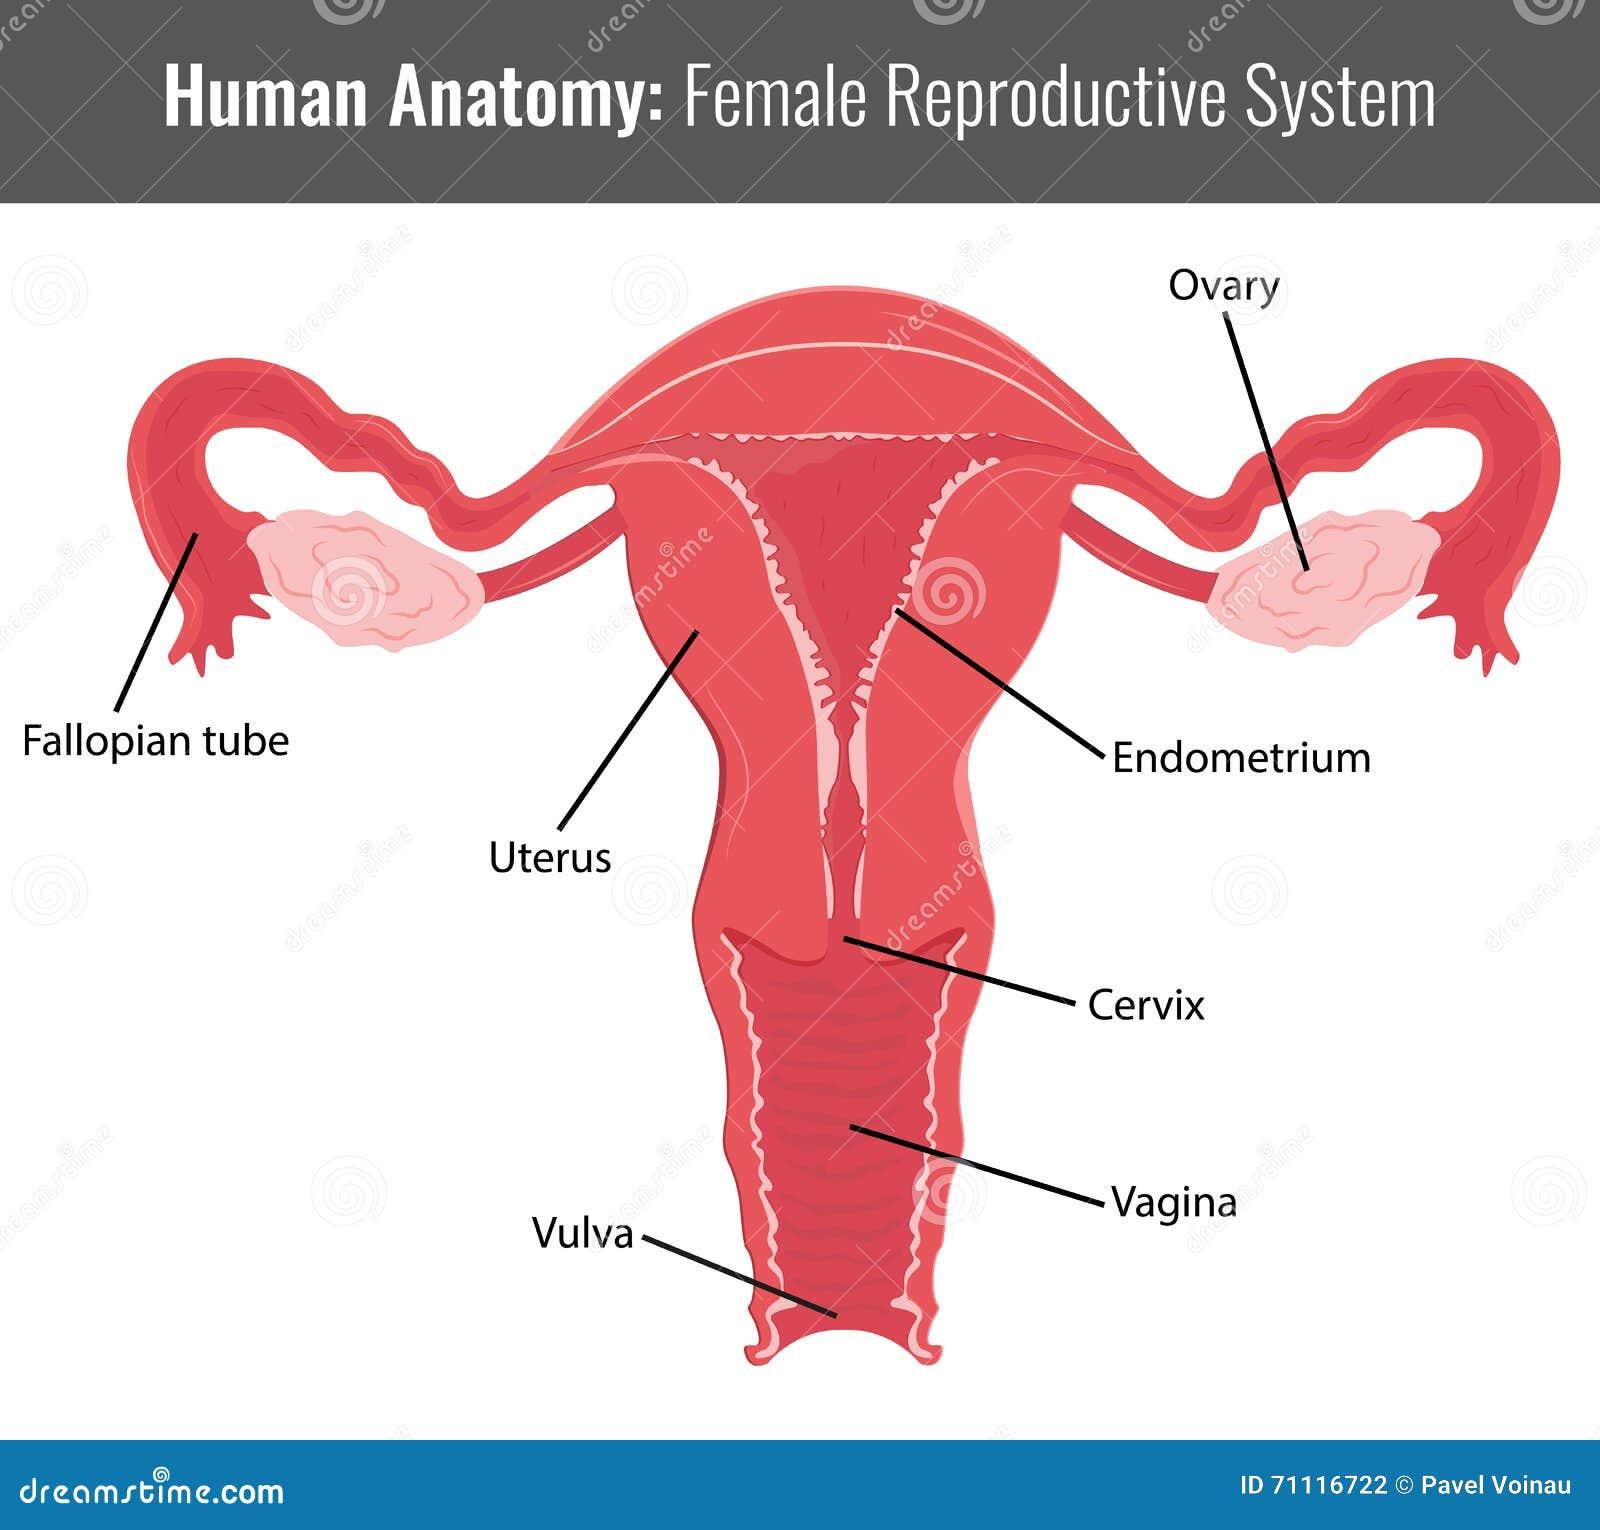 Fantastisch Weibliche Anatomie Bilder Genital Fotos - Menschliche ...